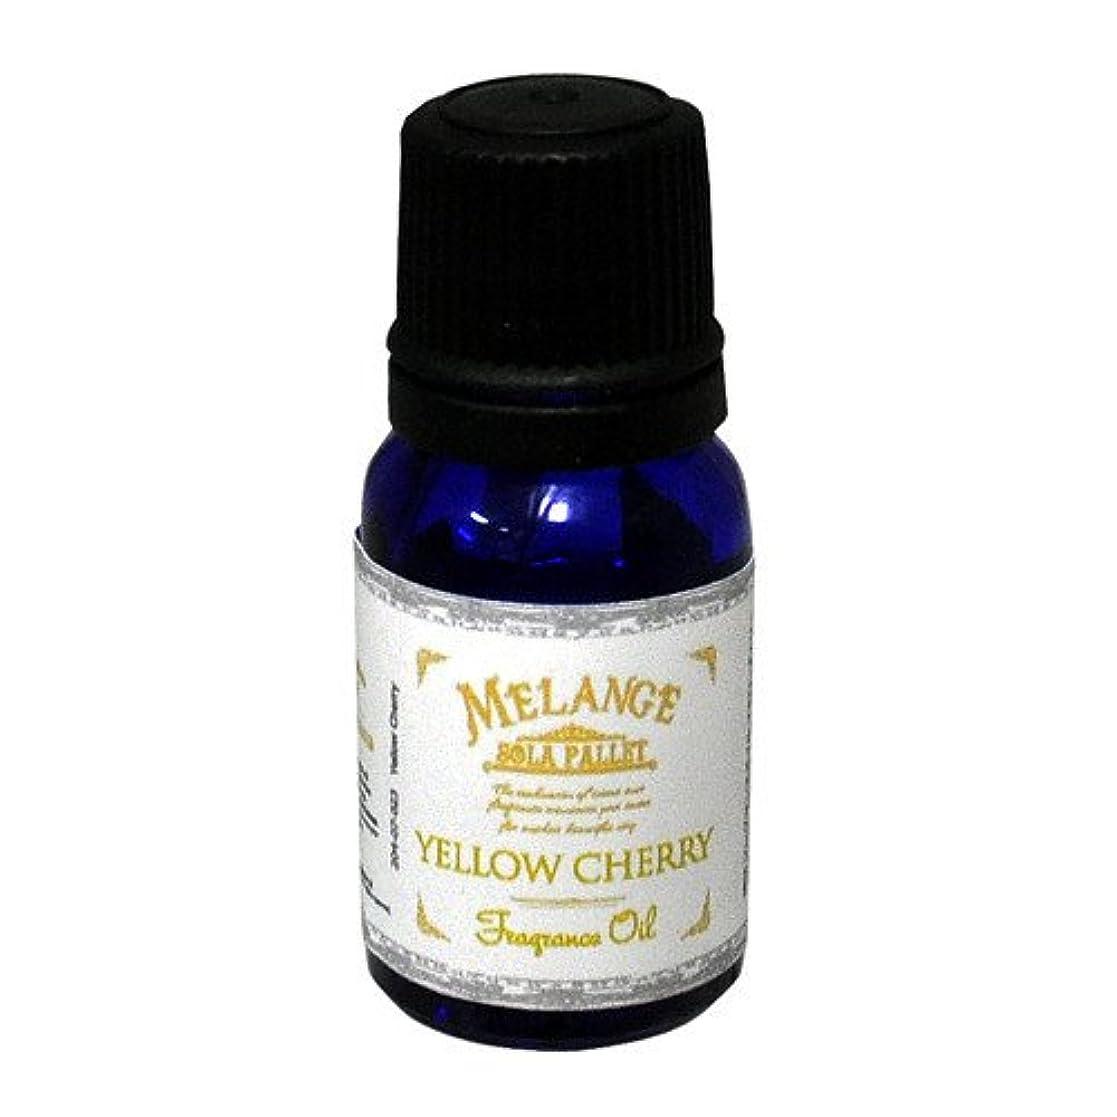 溶接偏見SOLA PALLET MELANGE Fragrance Oil フレグランスオイル Yellow Cherry イエローチェリー